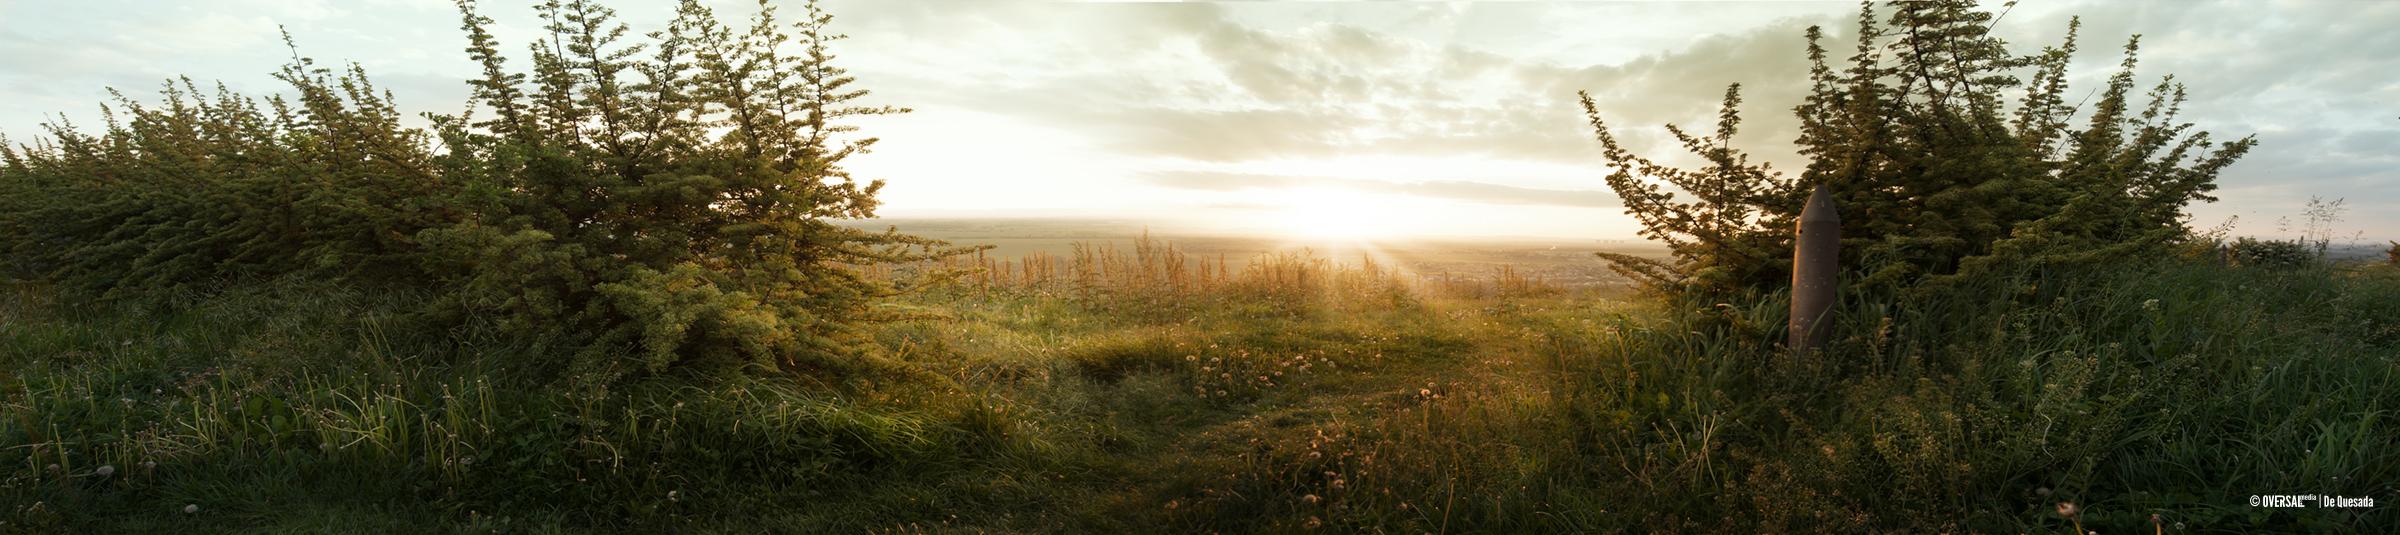 Sun shining through green bushes - Sunは緑の茂みを通して輝きます SKU: la-0010c